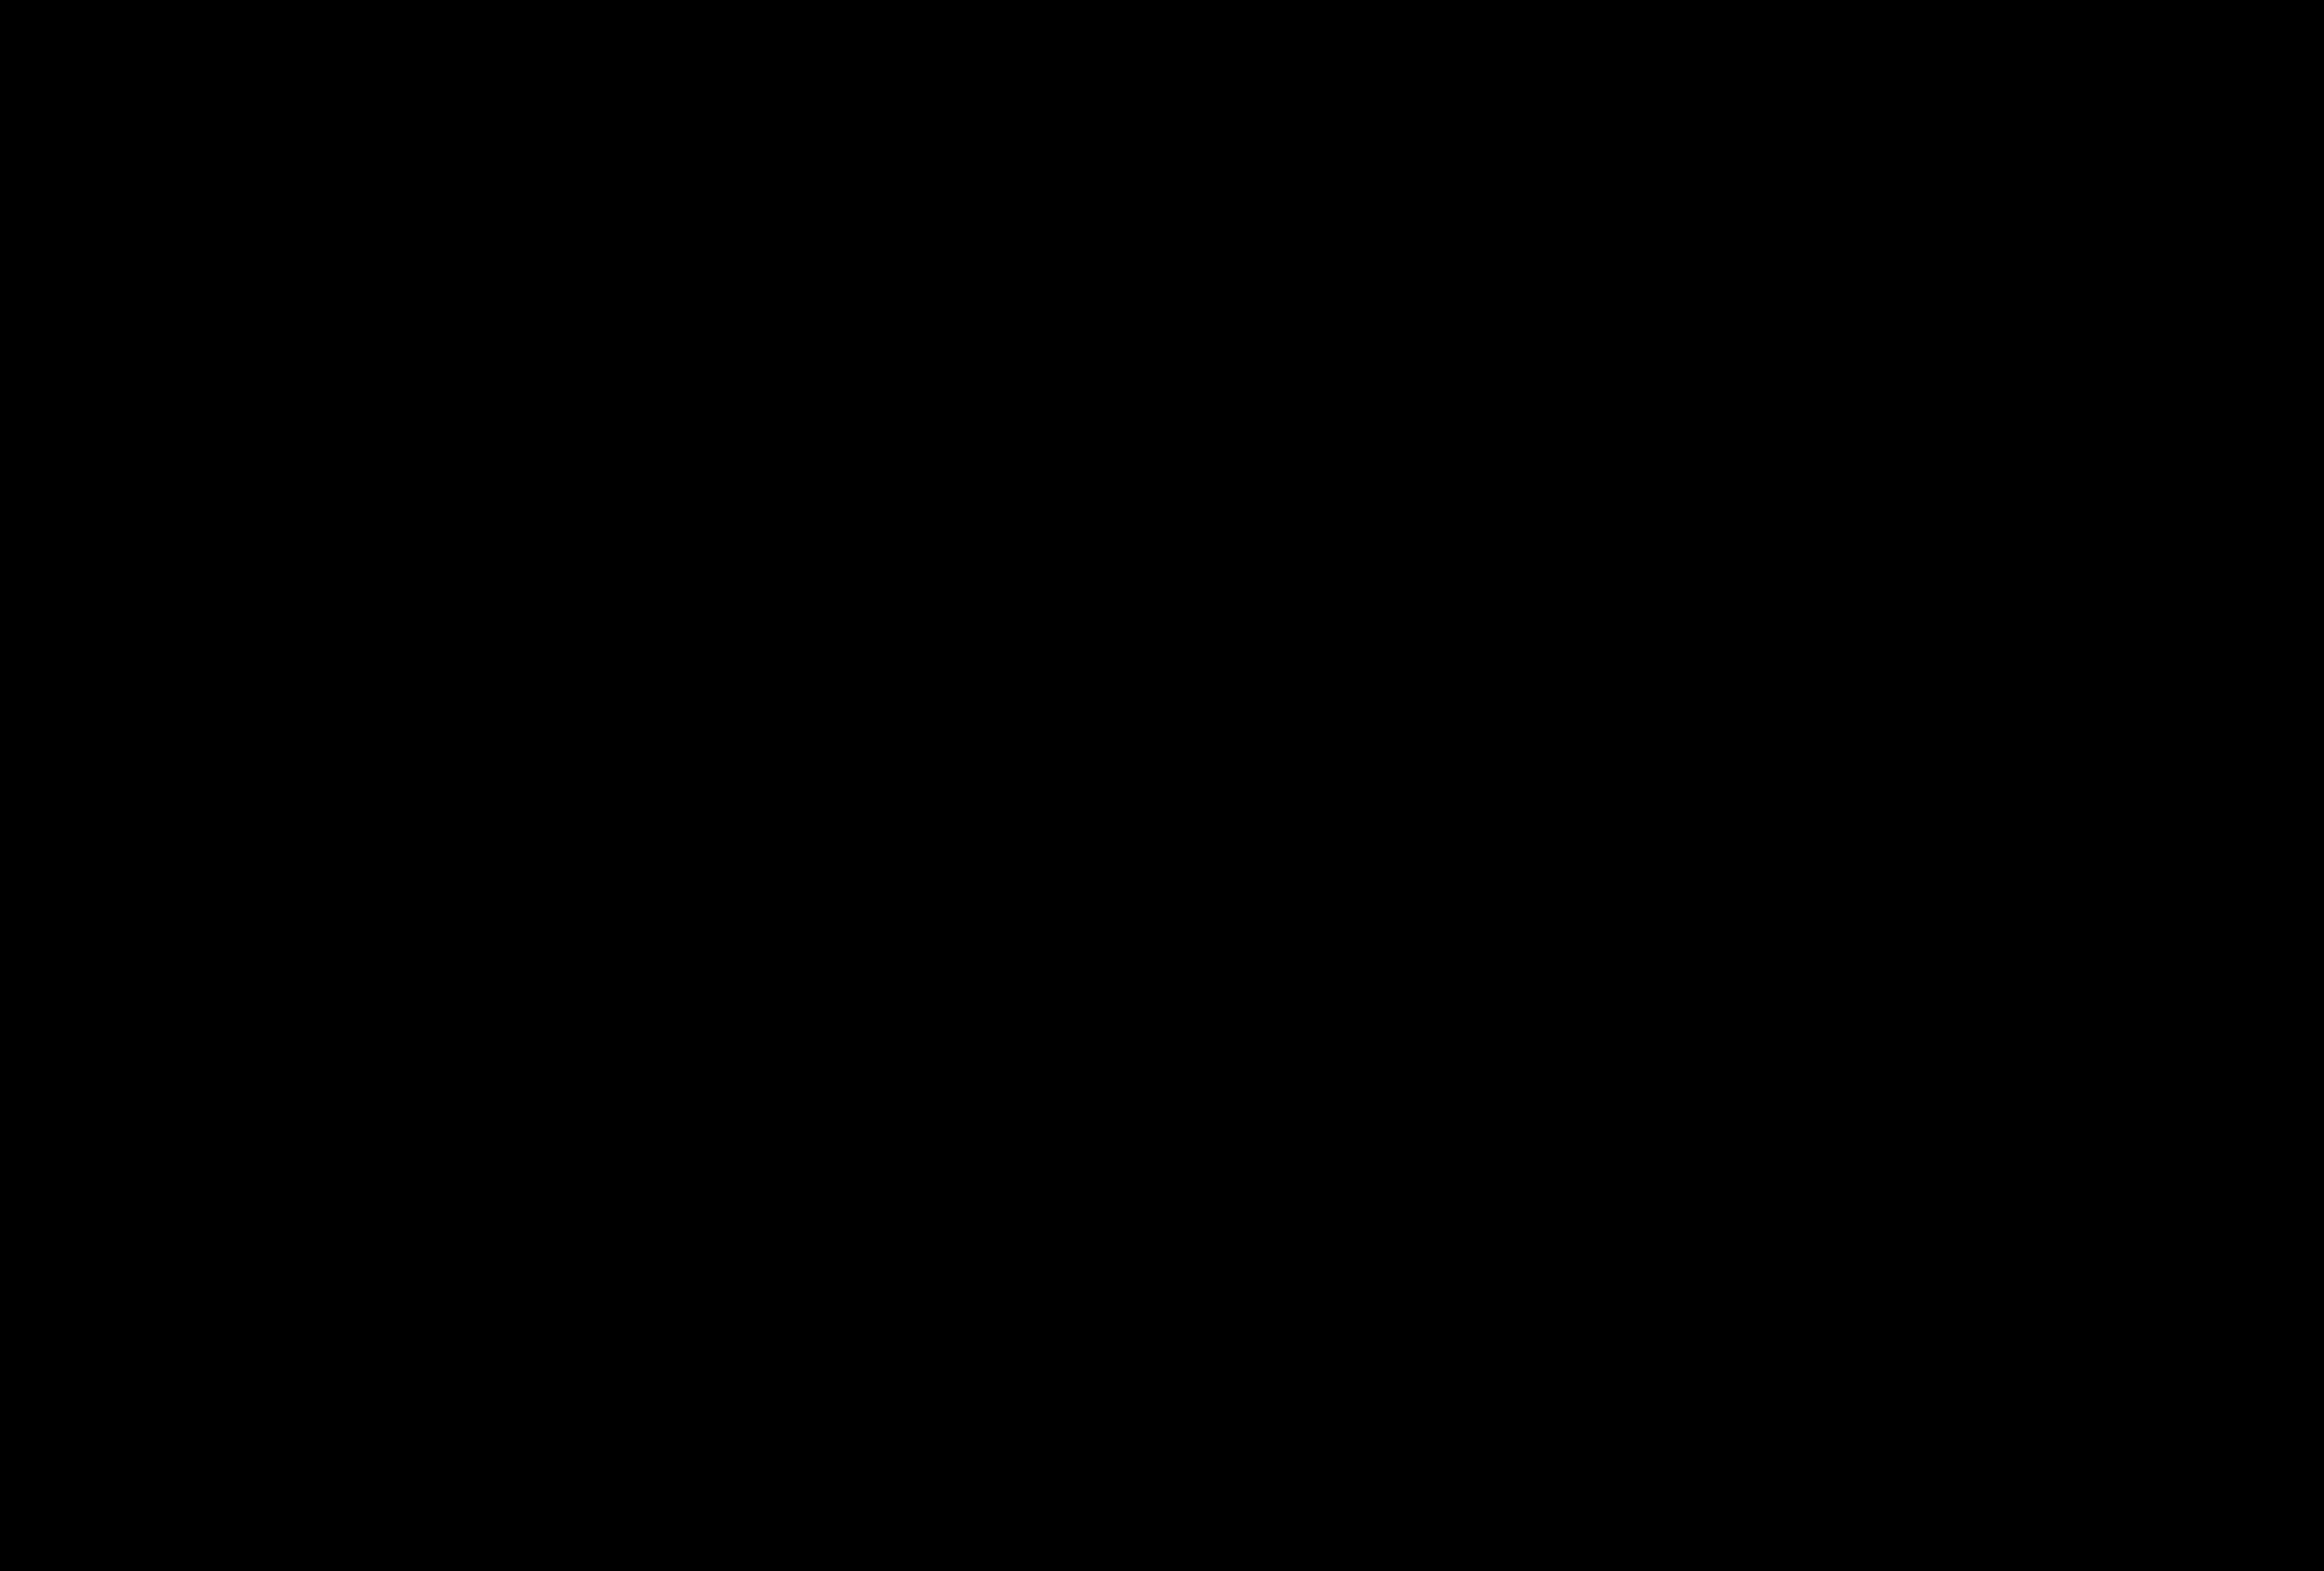 Fort Parker State Park - Cover Sheet - SP.44_145